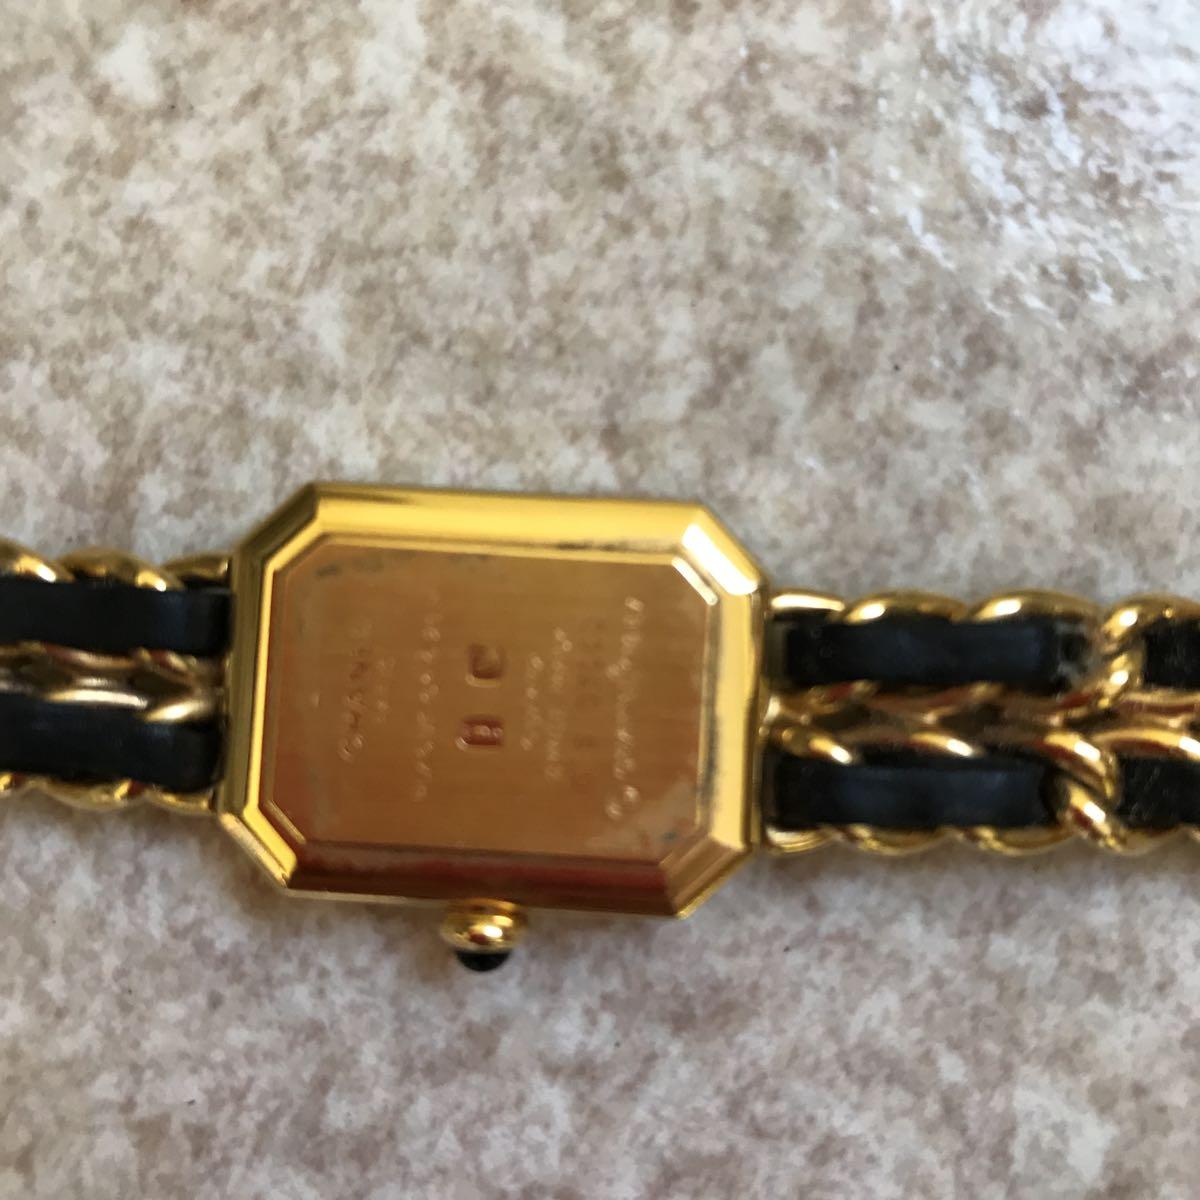 CHANEL 腕時計 プルミエール 正規品 Lサイズ_画像5